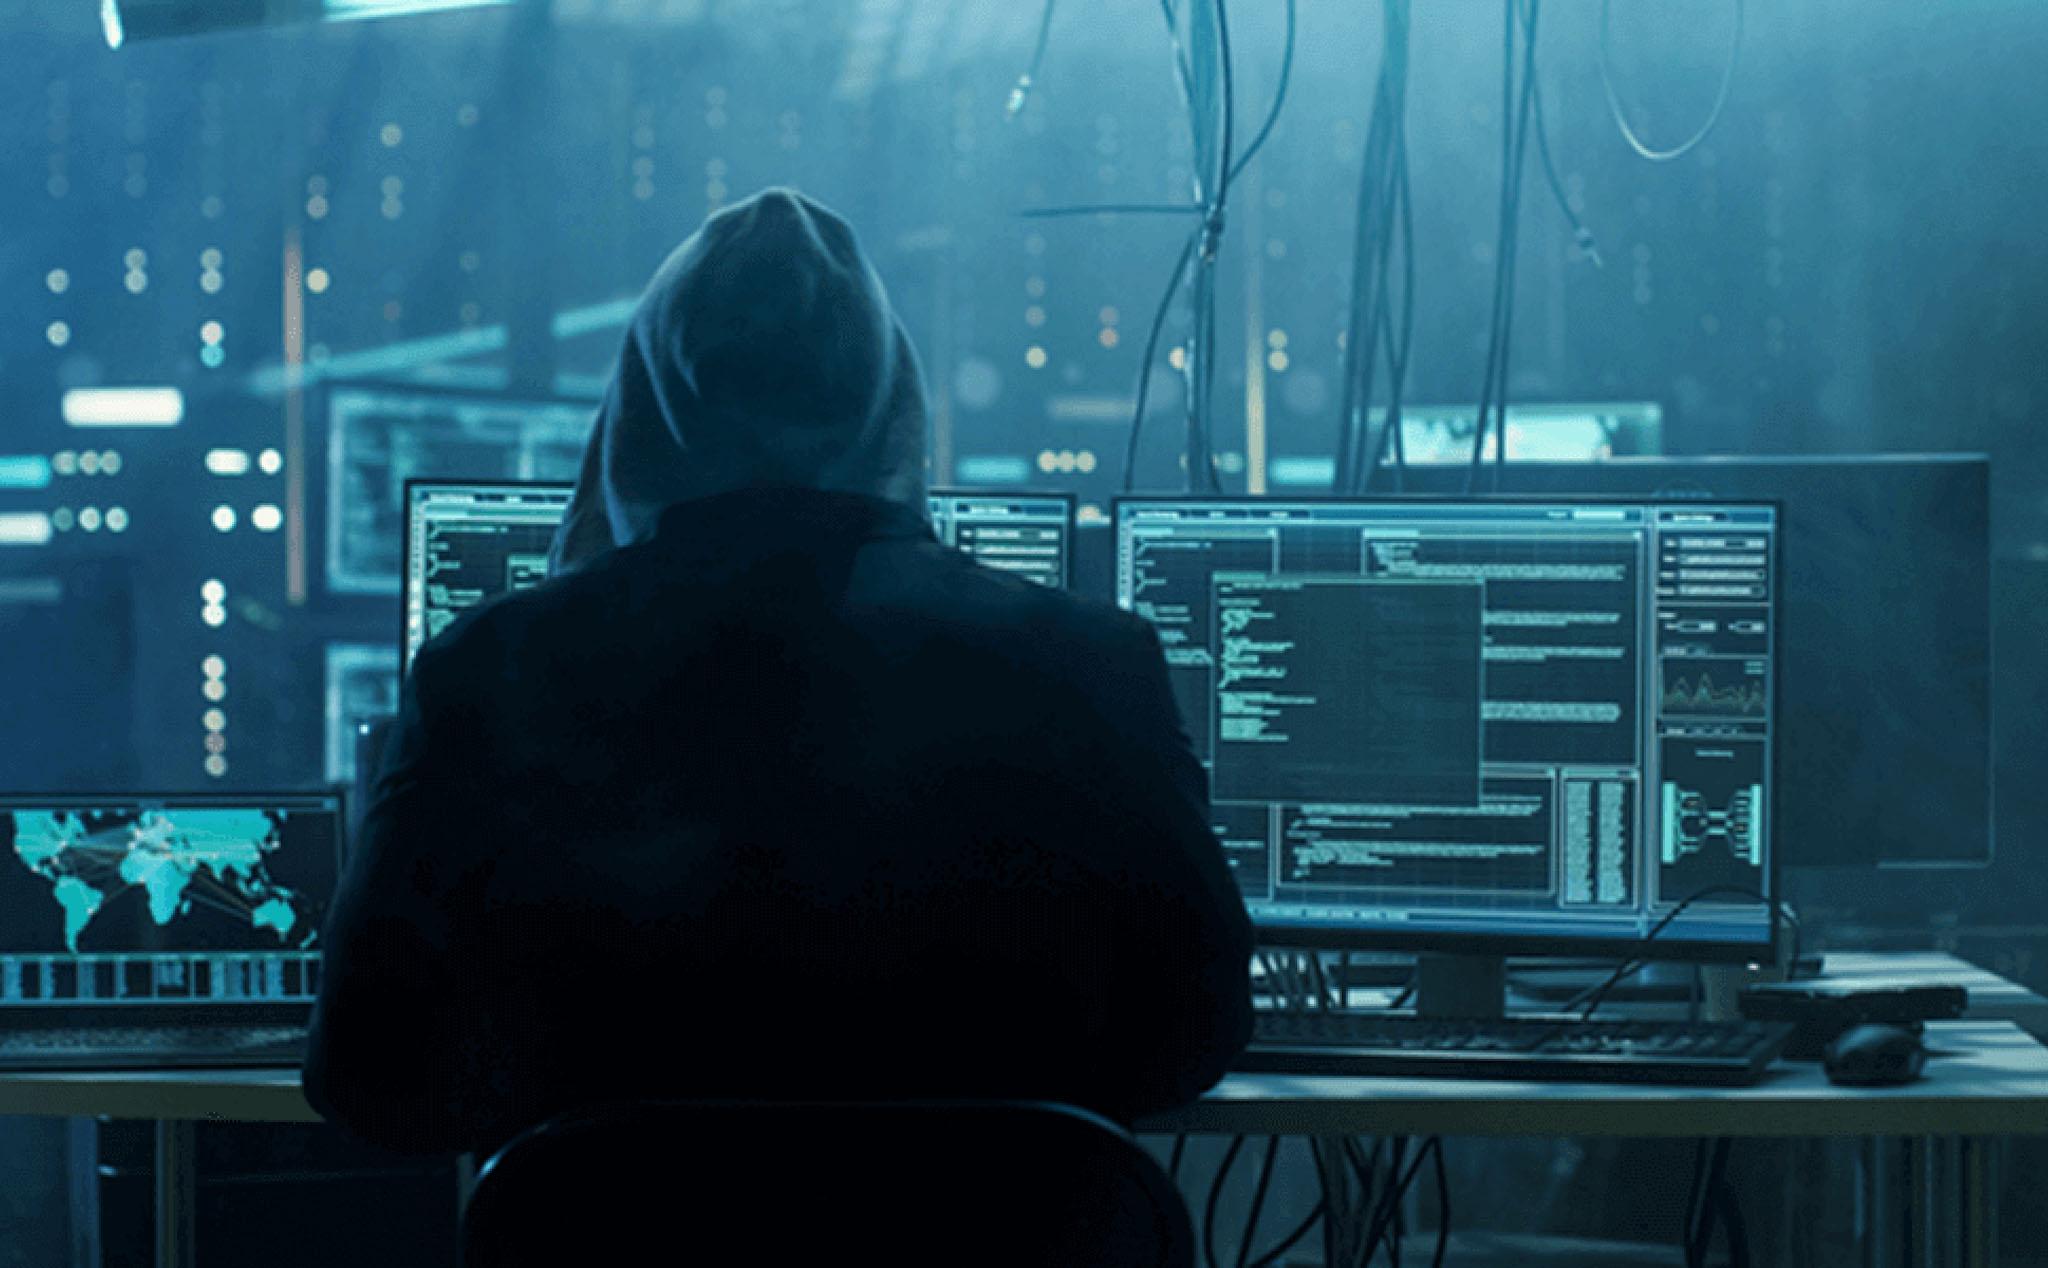 Hình ảnh Hacker rất ngầu và đẹp